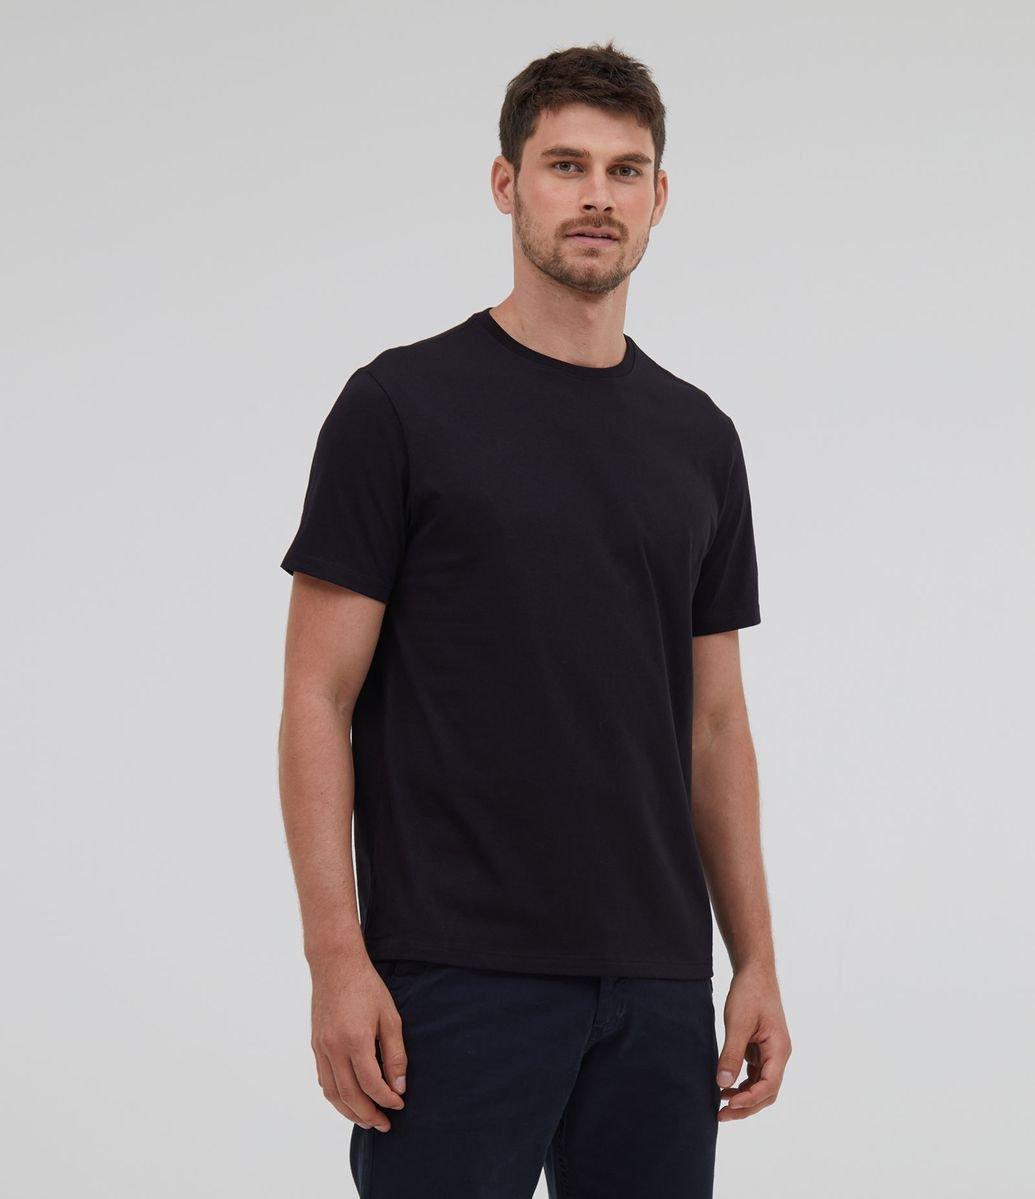 Camisa Comfort preta em algodão peruano